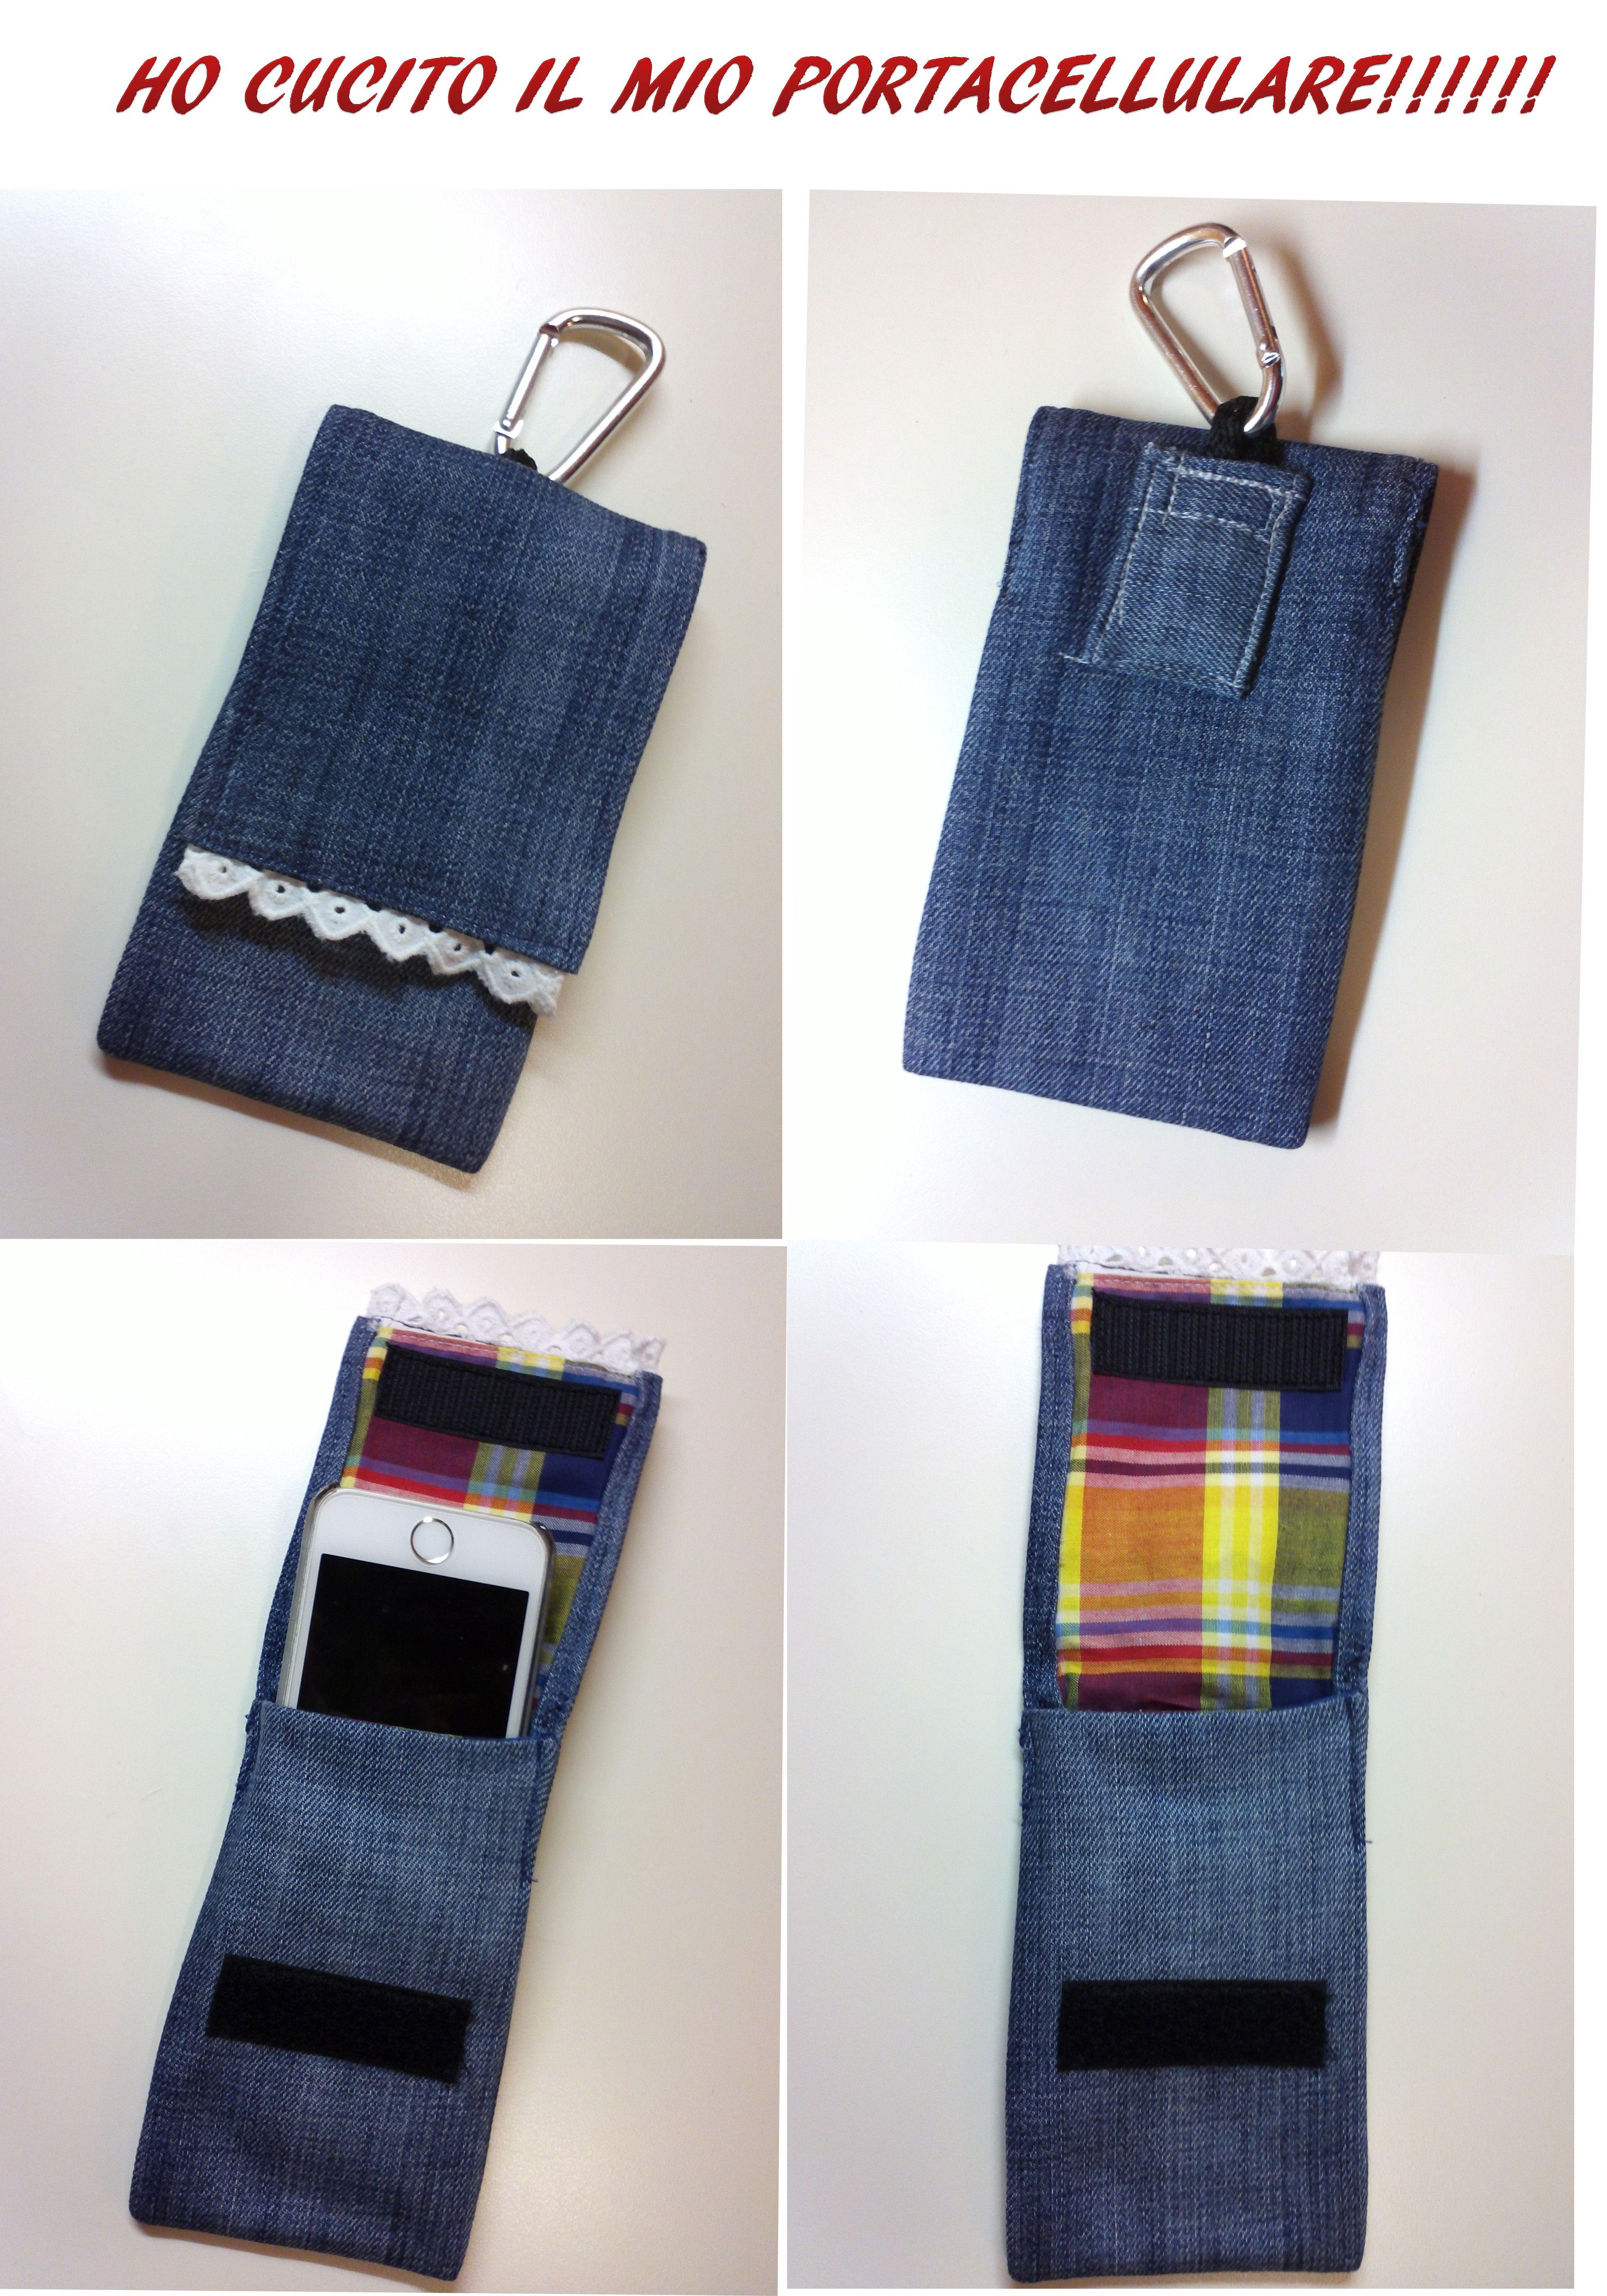 stamattina ho cucito il mio portacellulare in jeans fai